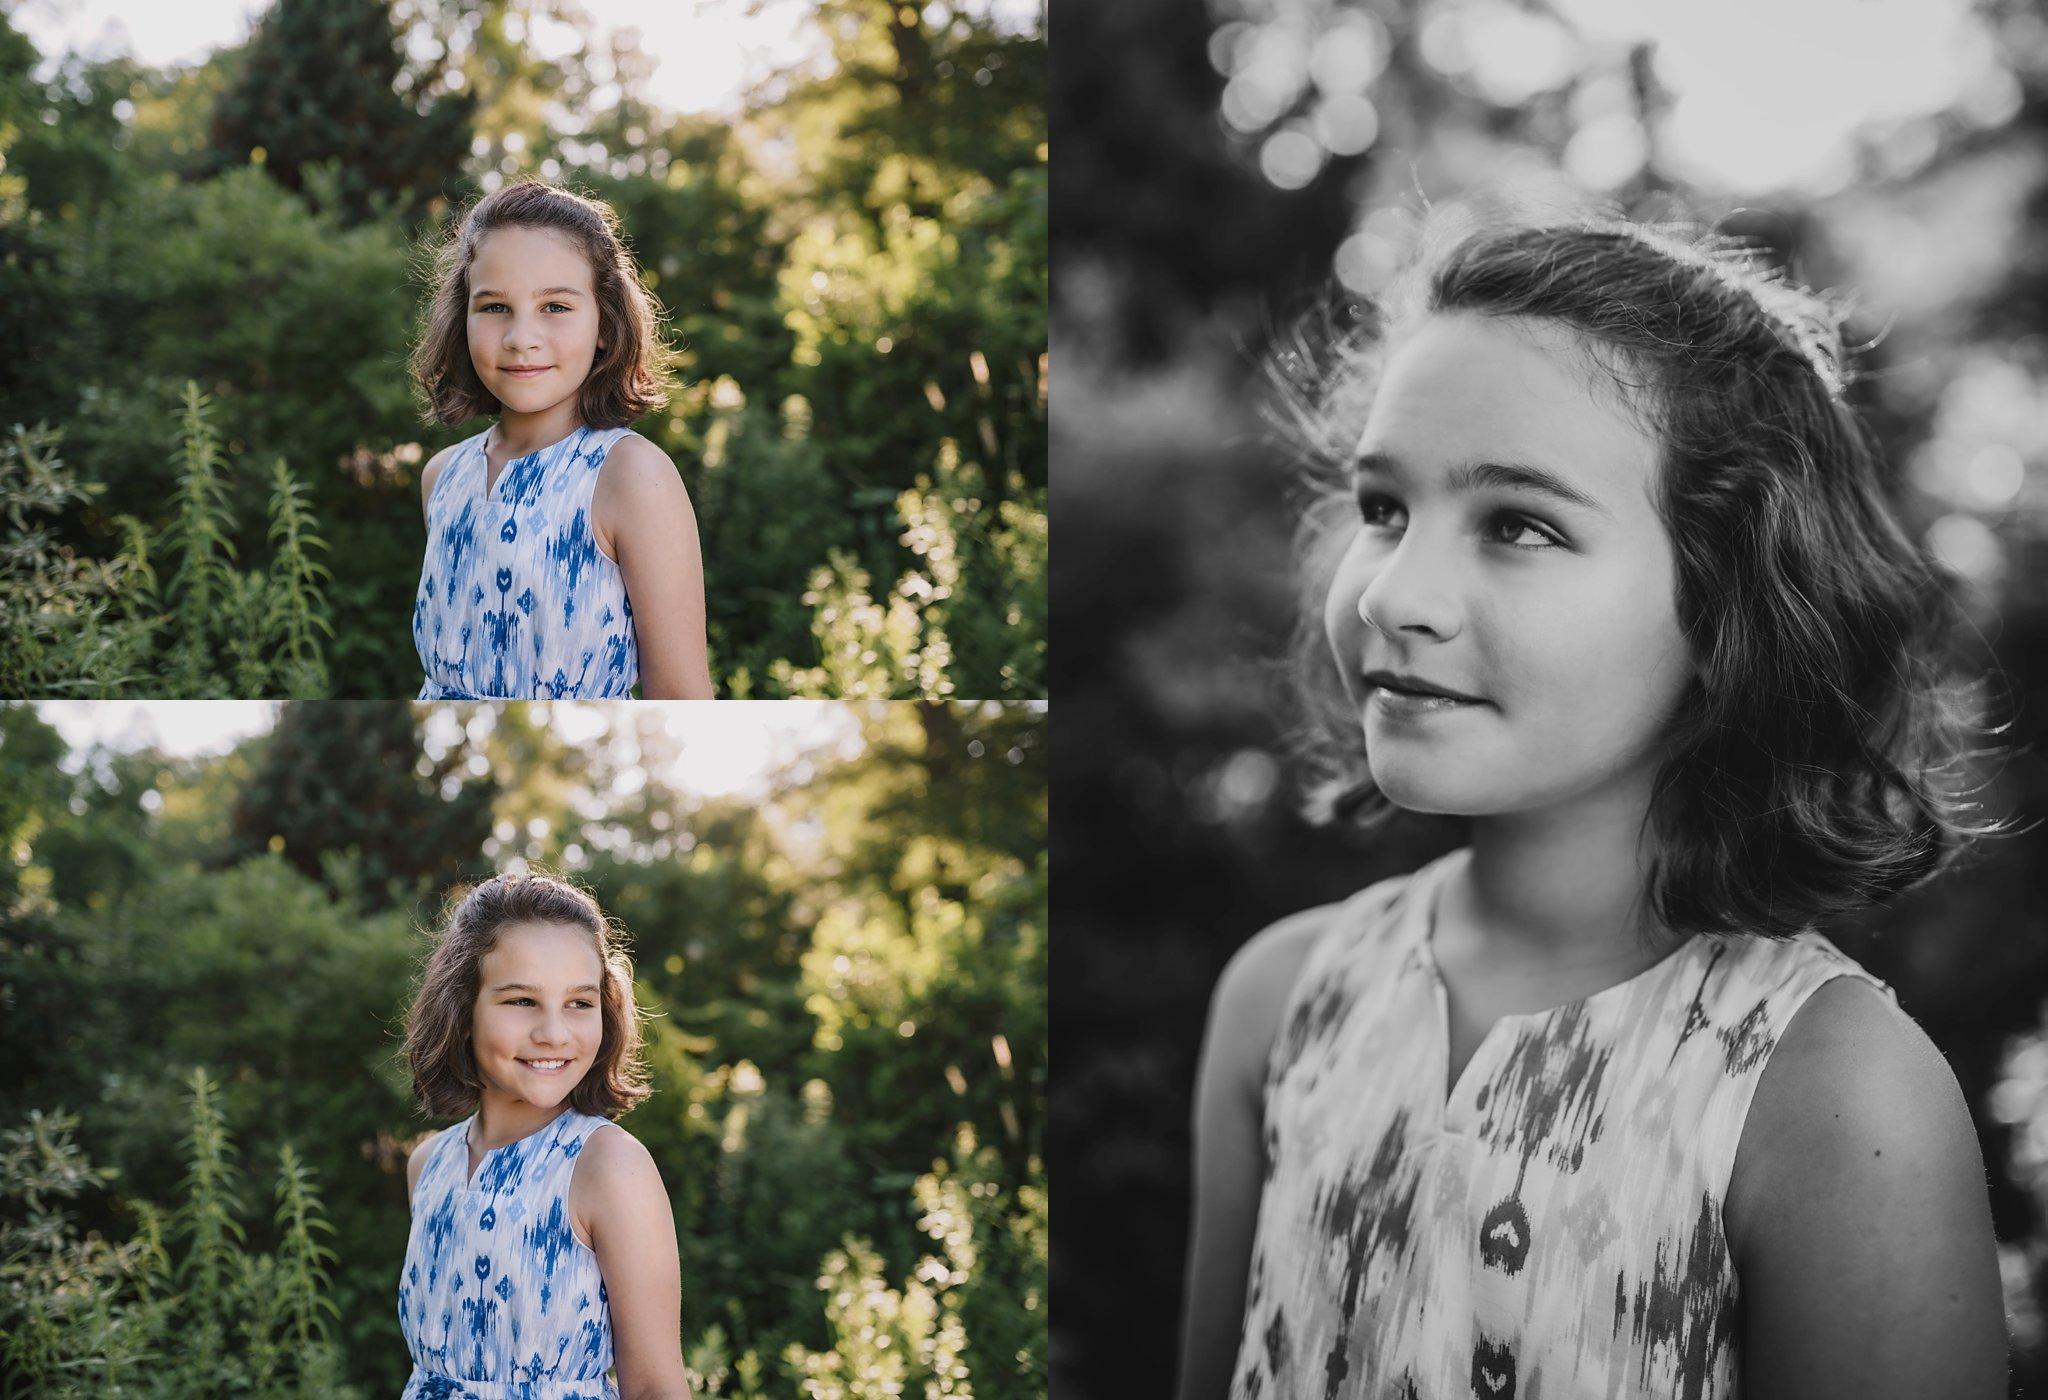 Langer_June_2018-46_Award_Winning_Boston_Massachusetts_Family_Portrait_Photographer_Asher_and_Oak_Photography.jpg